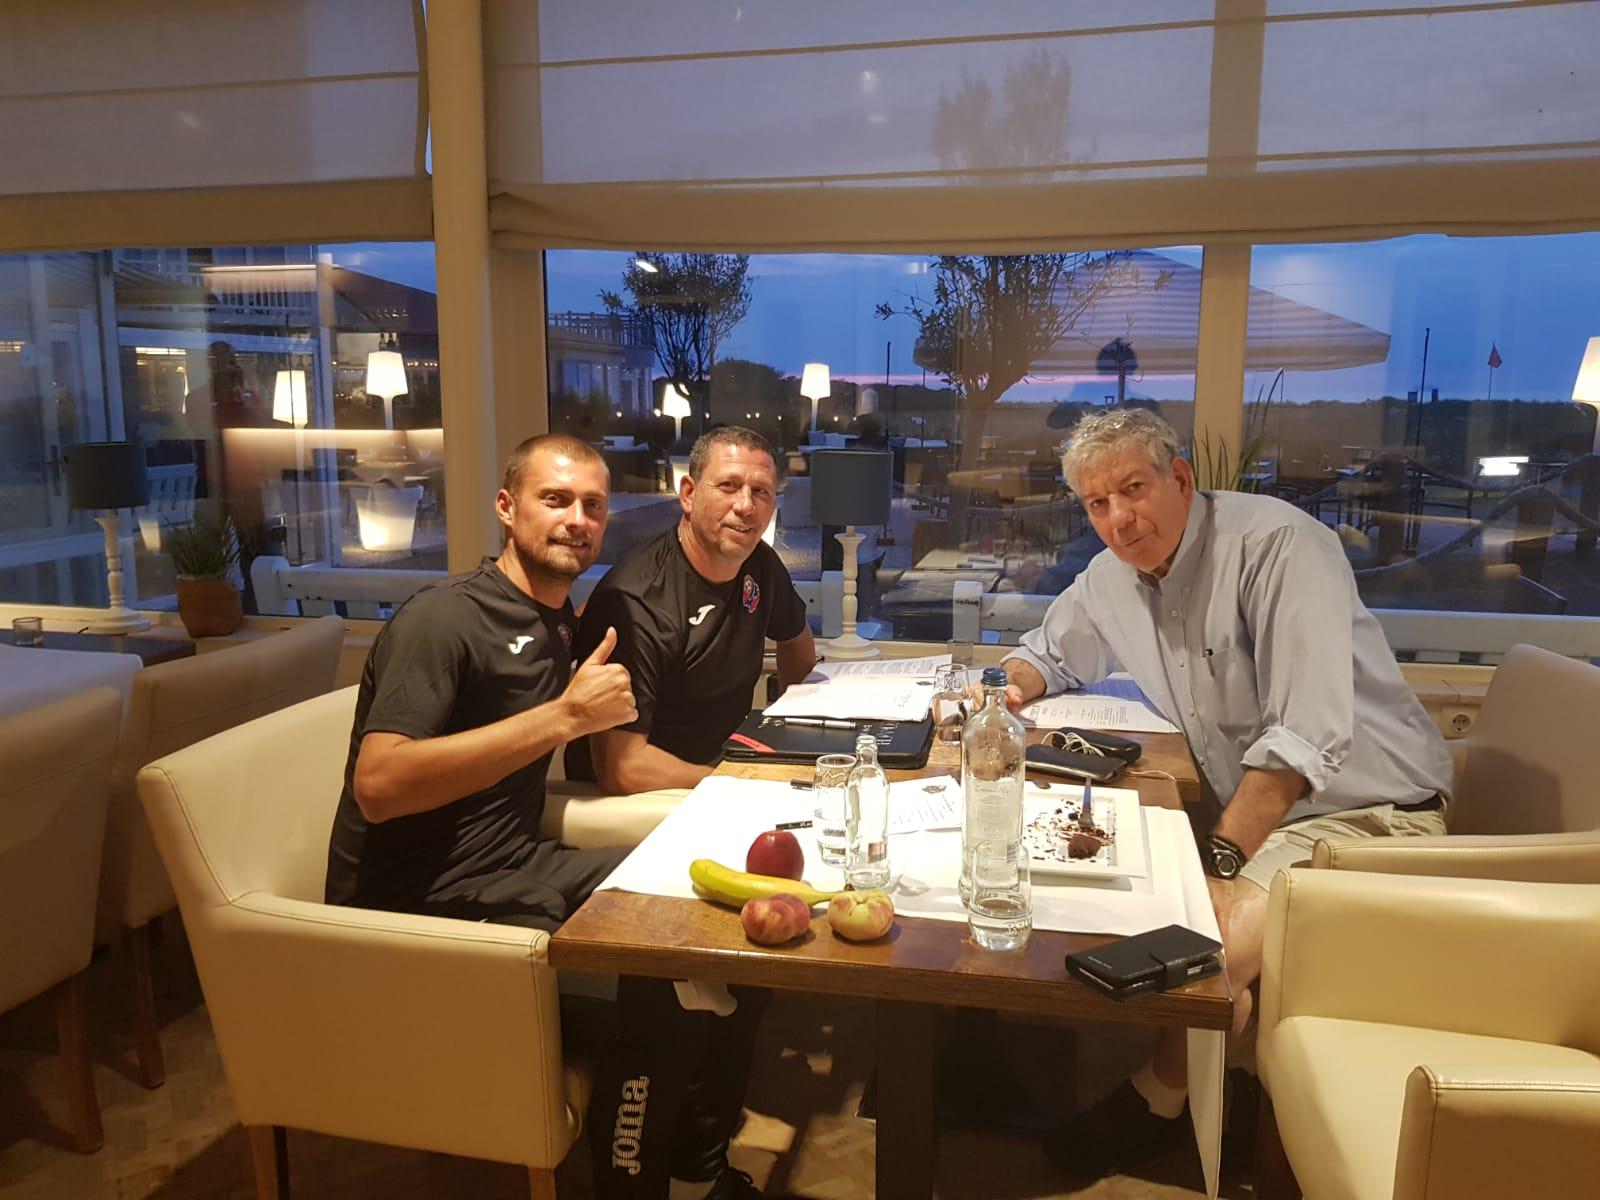 גבריאל תאמאש חתם לשנתיים ,ראדו גינסרי ,סוויסטד רסמוס ורן קדוש חתמו לעונה.